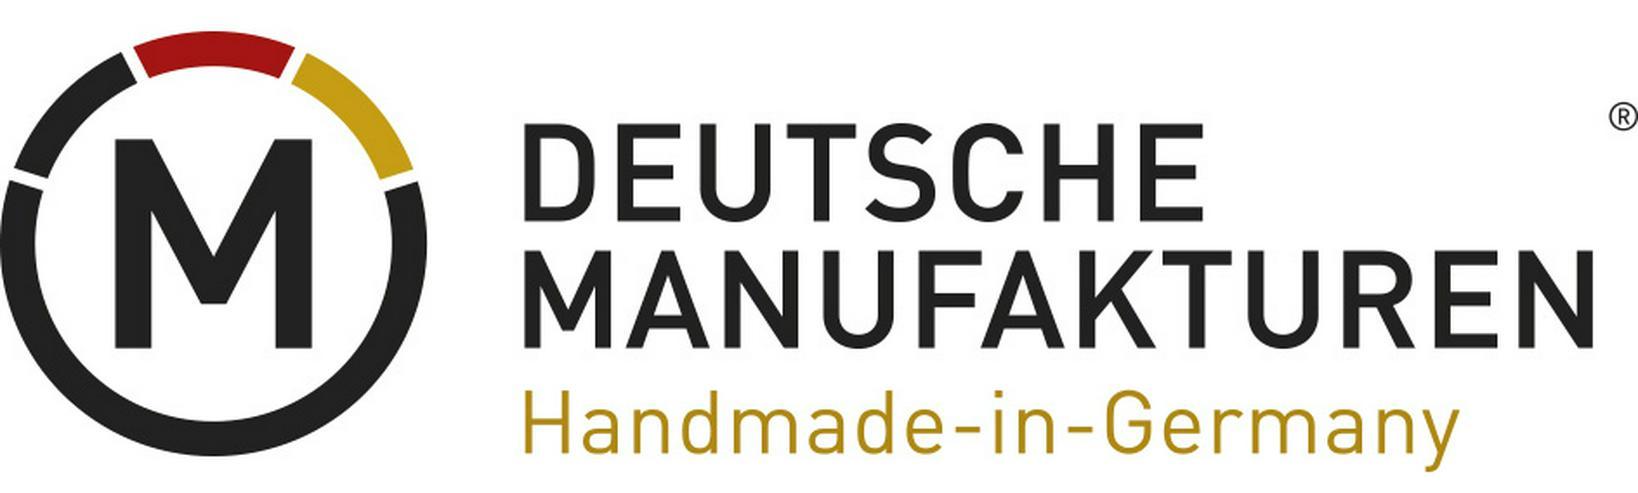 Werkstudent/in PR/Public Affairs/Event Management  bei ORCA Affairs im Projekt Initiative Deutsche Manufakturen (IDM)